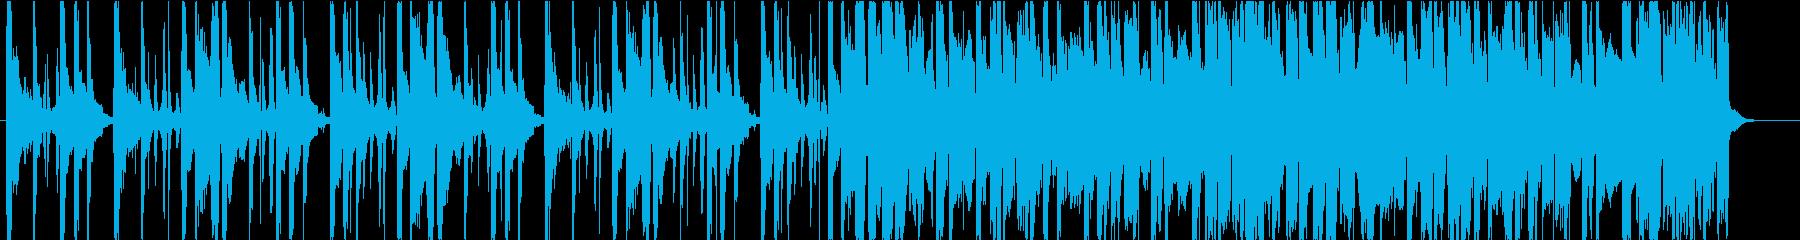 優しい/R&B_No435_3の再生済みの波形